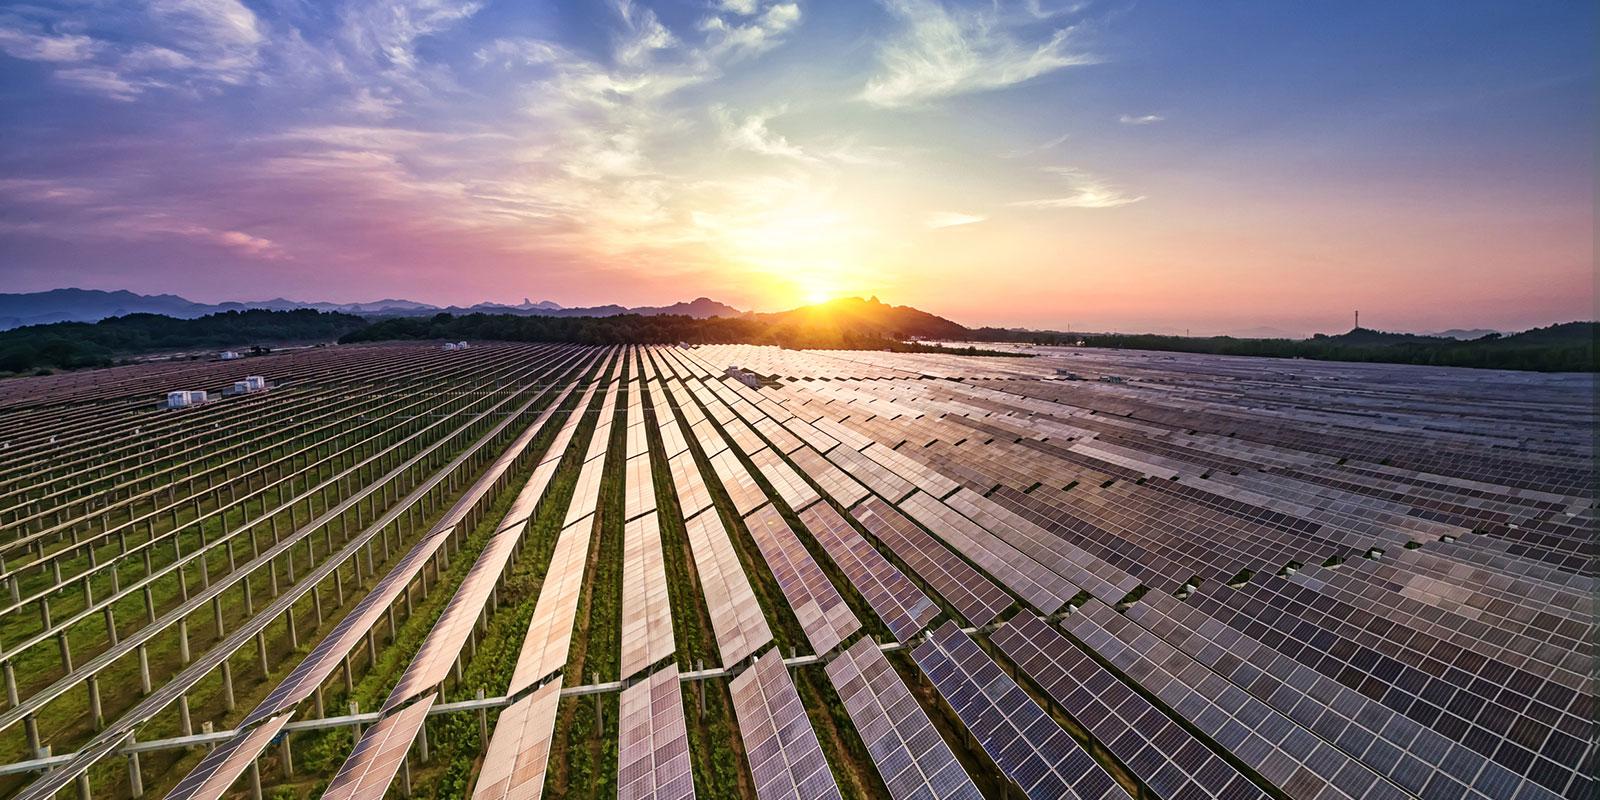 Planta-solar-2-slider